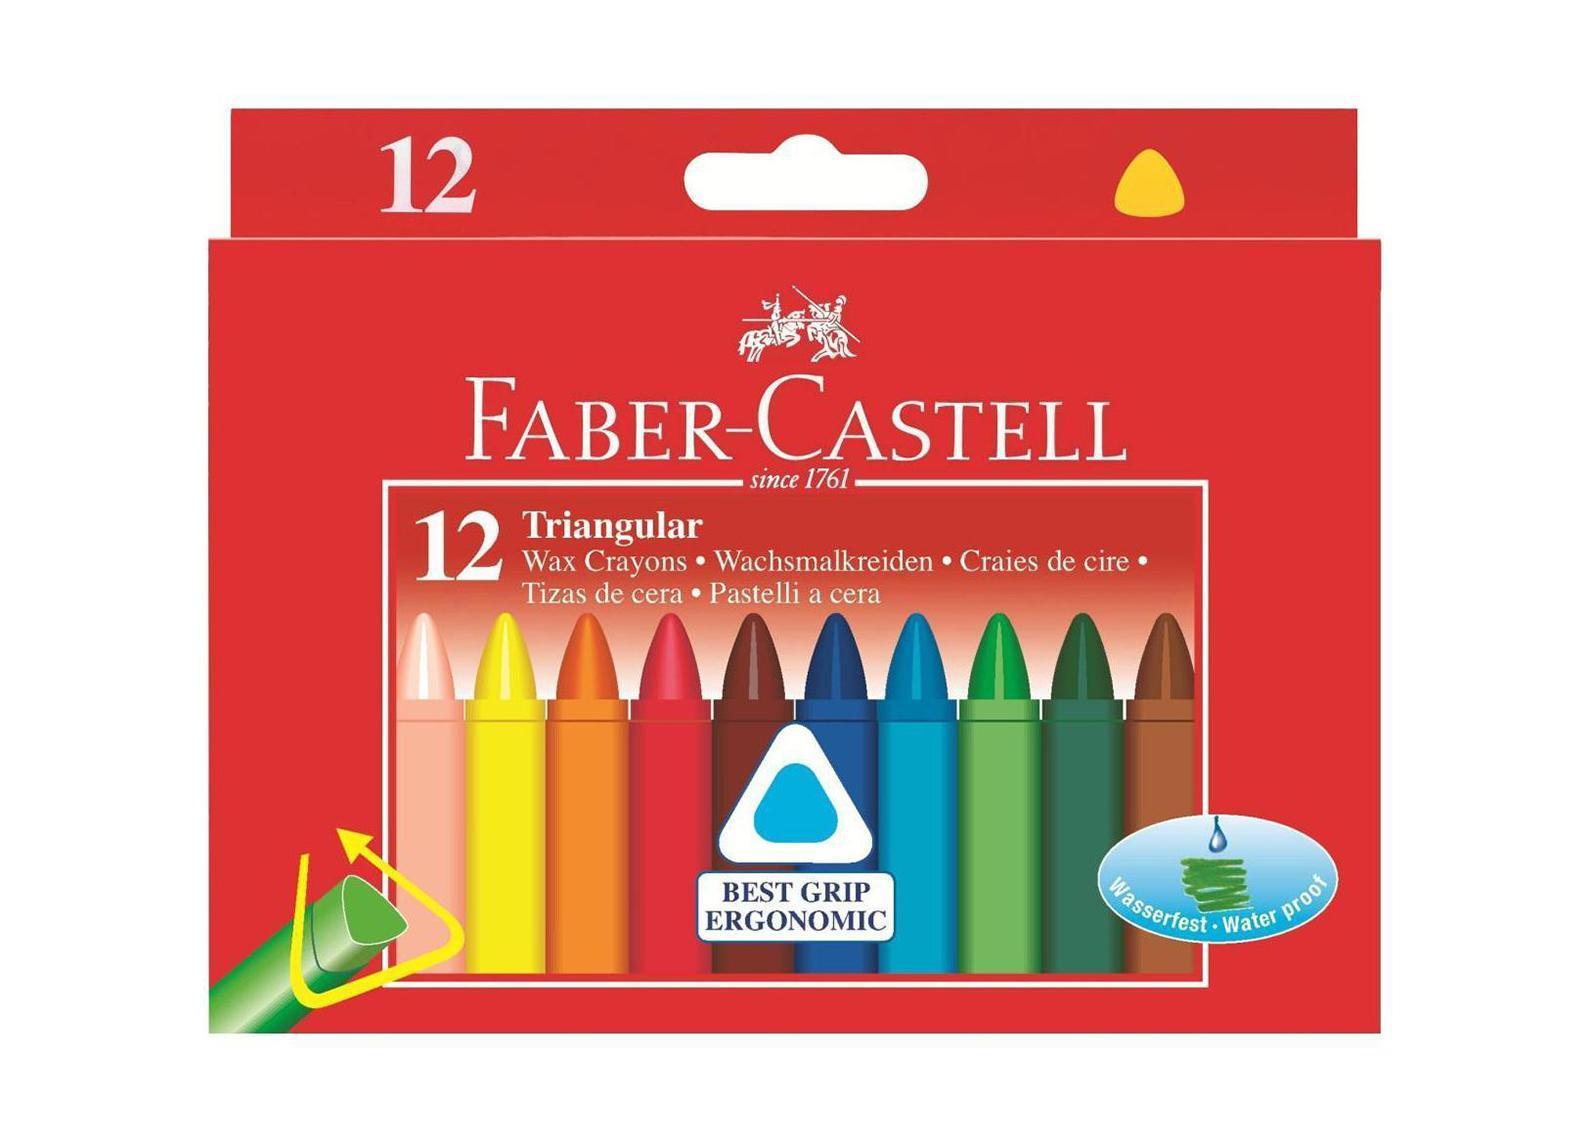 Трехгранные восковые карандаши TRIANGULAR, набор цветов, в картонной коробке, 12 шт.72523WDFaber Castell Triangular 120010 - это качественные цветные карандаши от известного немецкого производителя. Они оставляют на бумаге яркие и насыщенные цвета. Карандаши изготовлены из качественных и безопасных материалов. Вид карандаша: цветной.